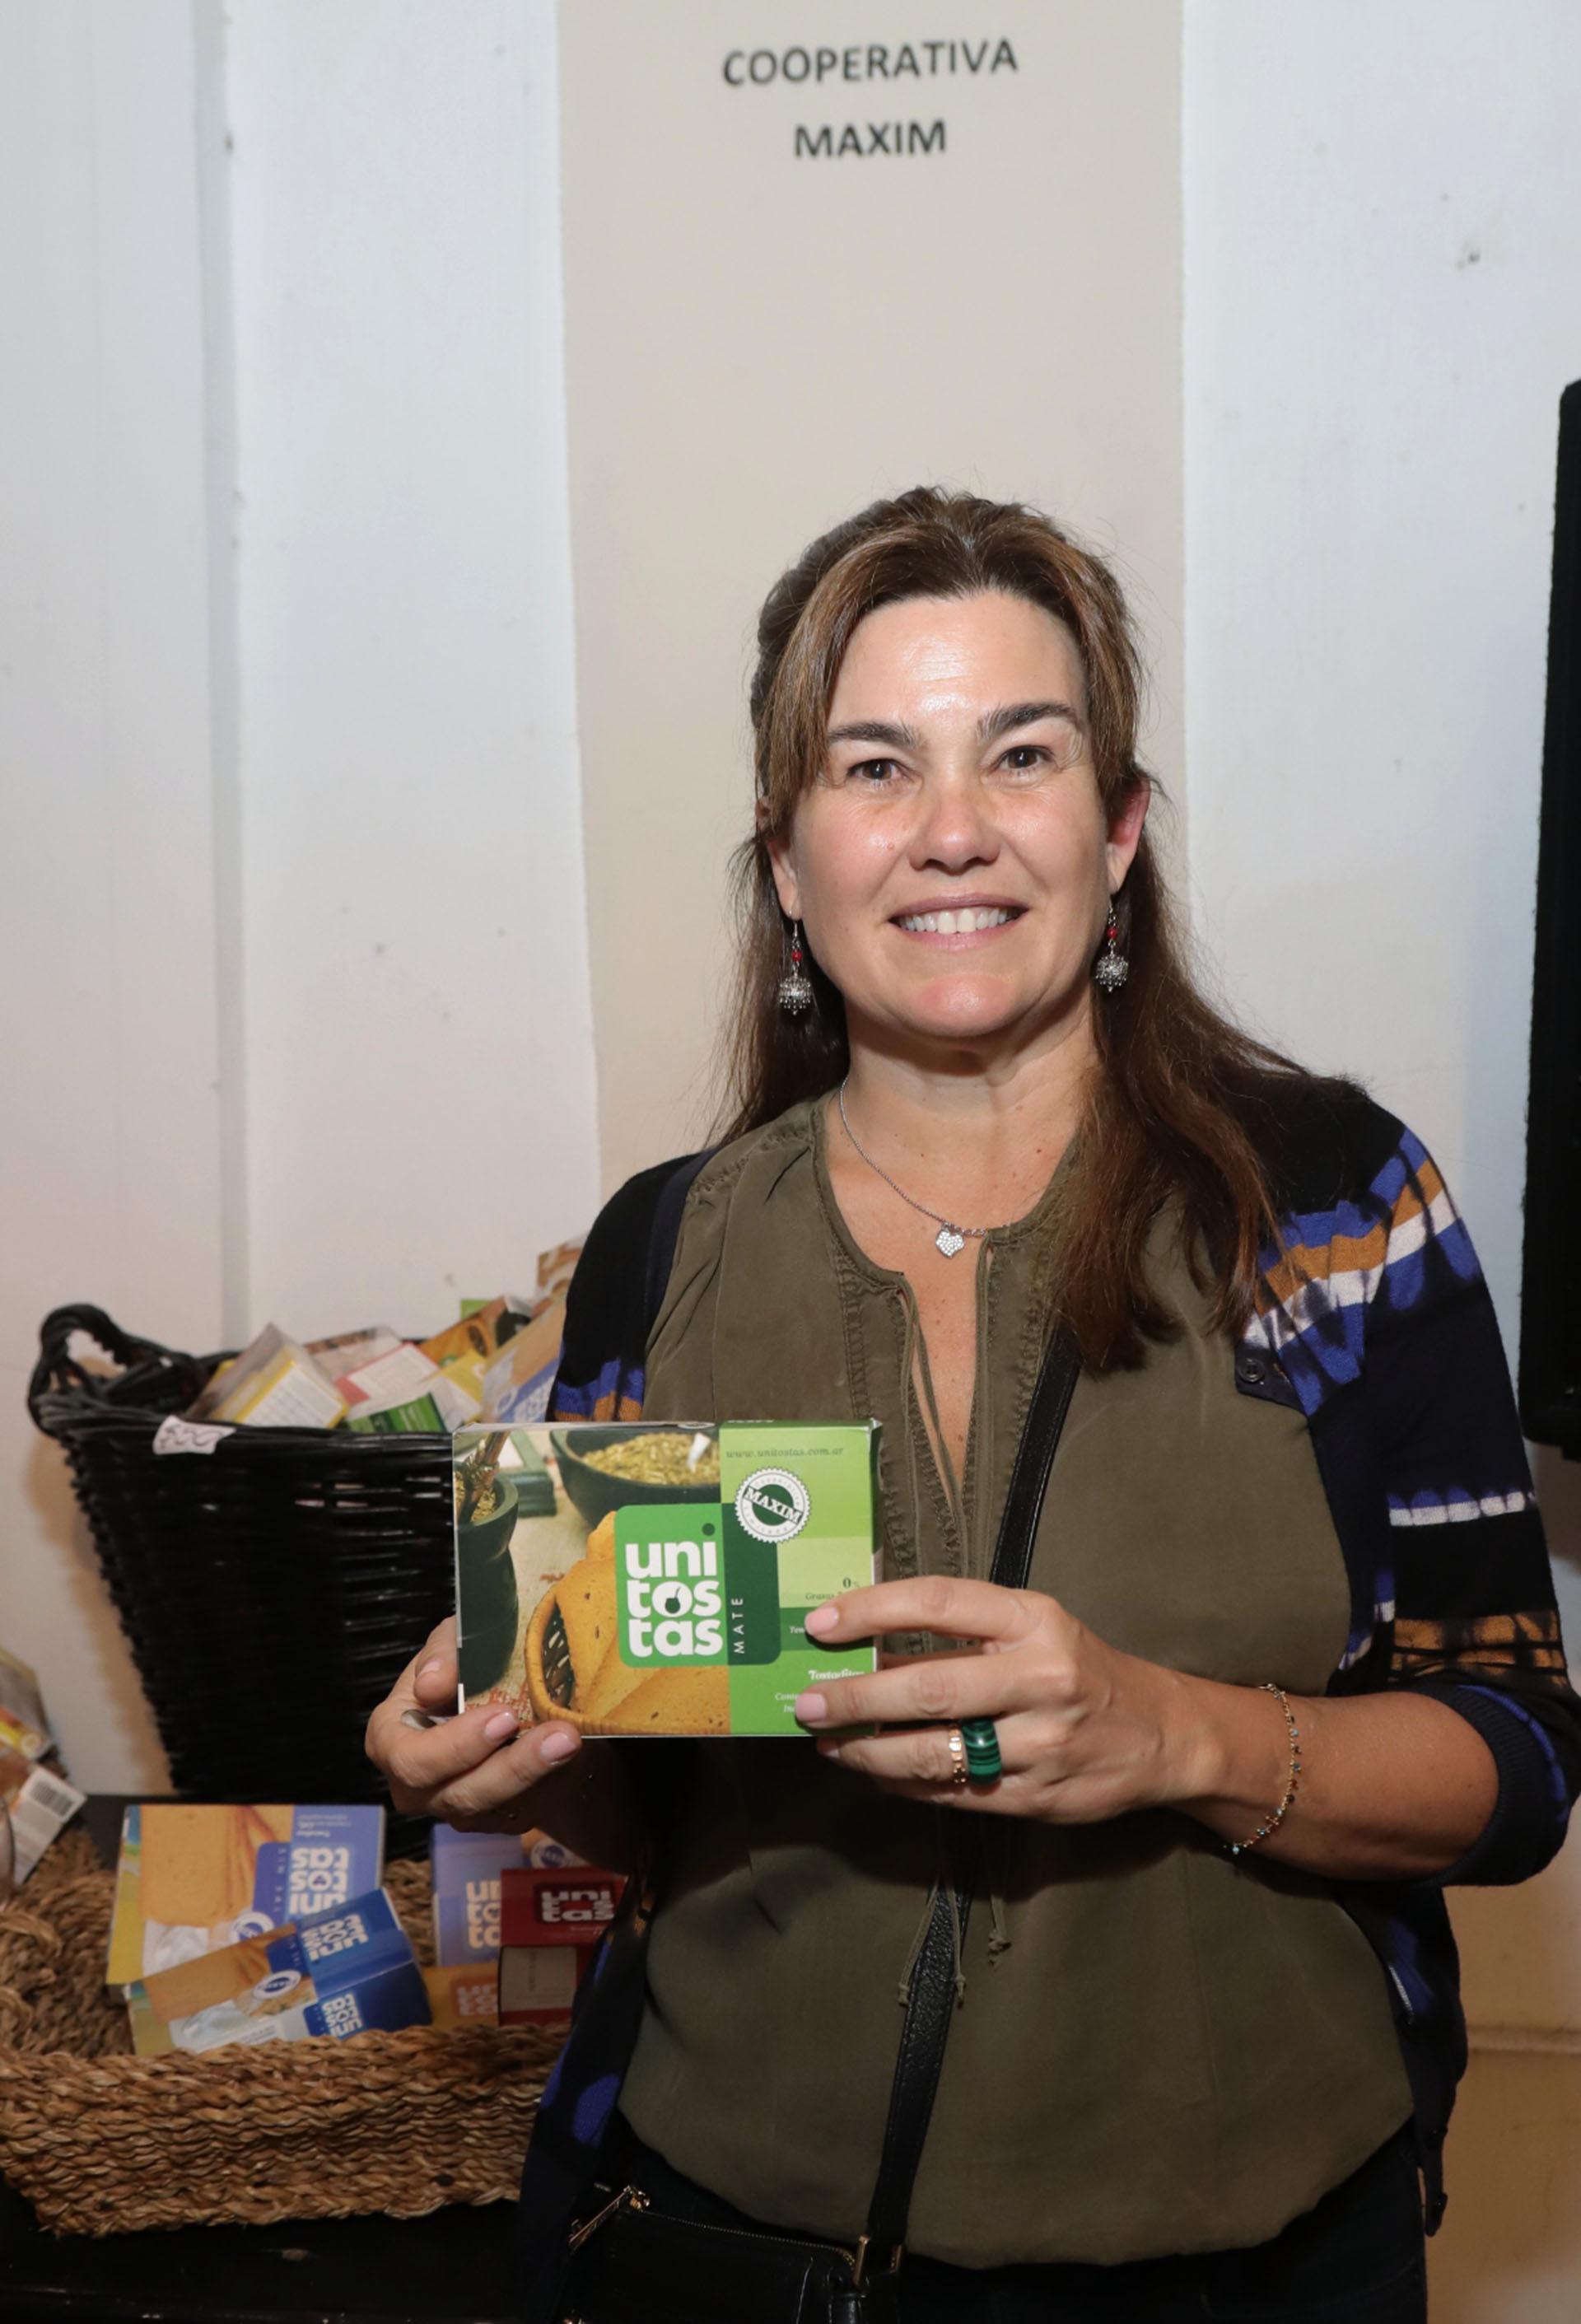 María Iturreaga, voluntaria de La Casita Azulado, vendiendo las tostaditas de Cooperativa Maxim